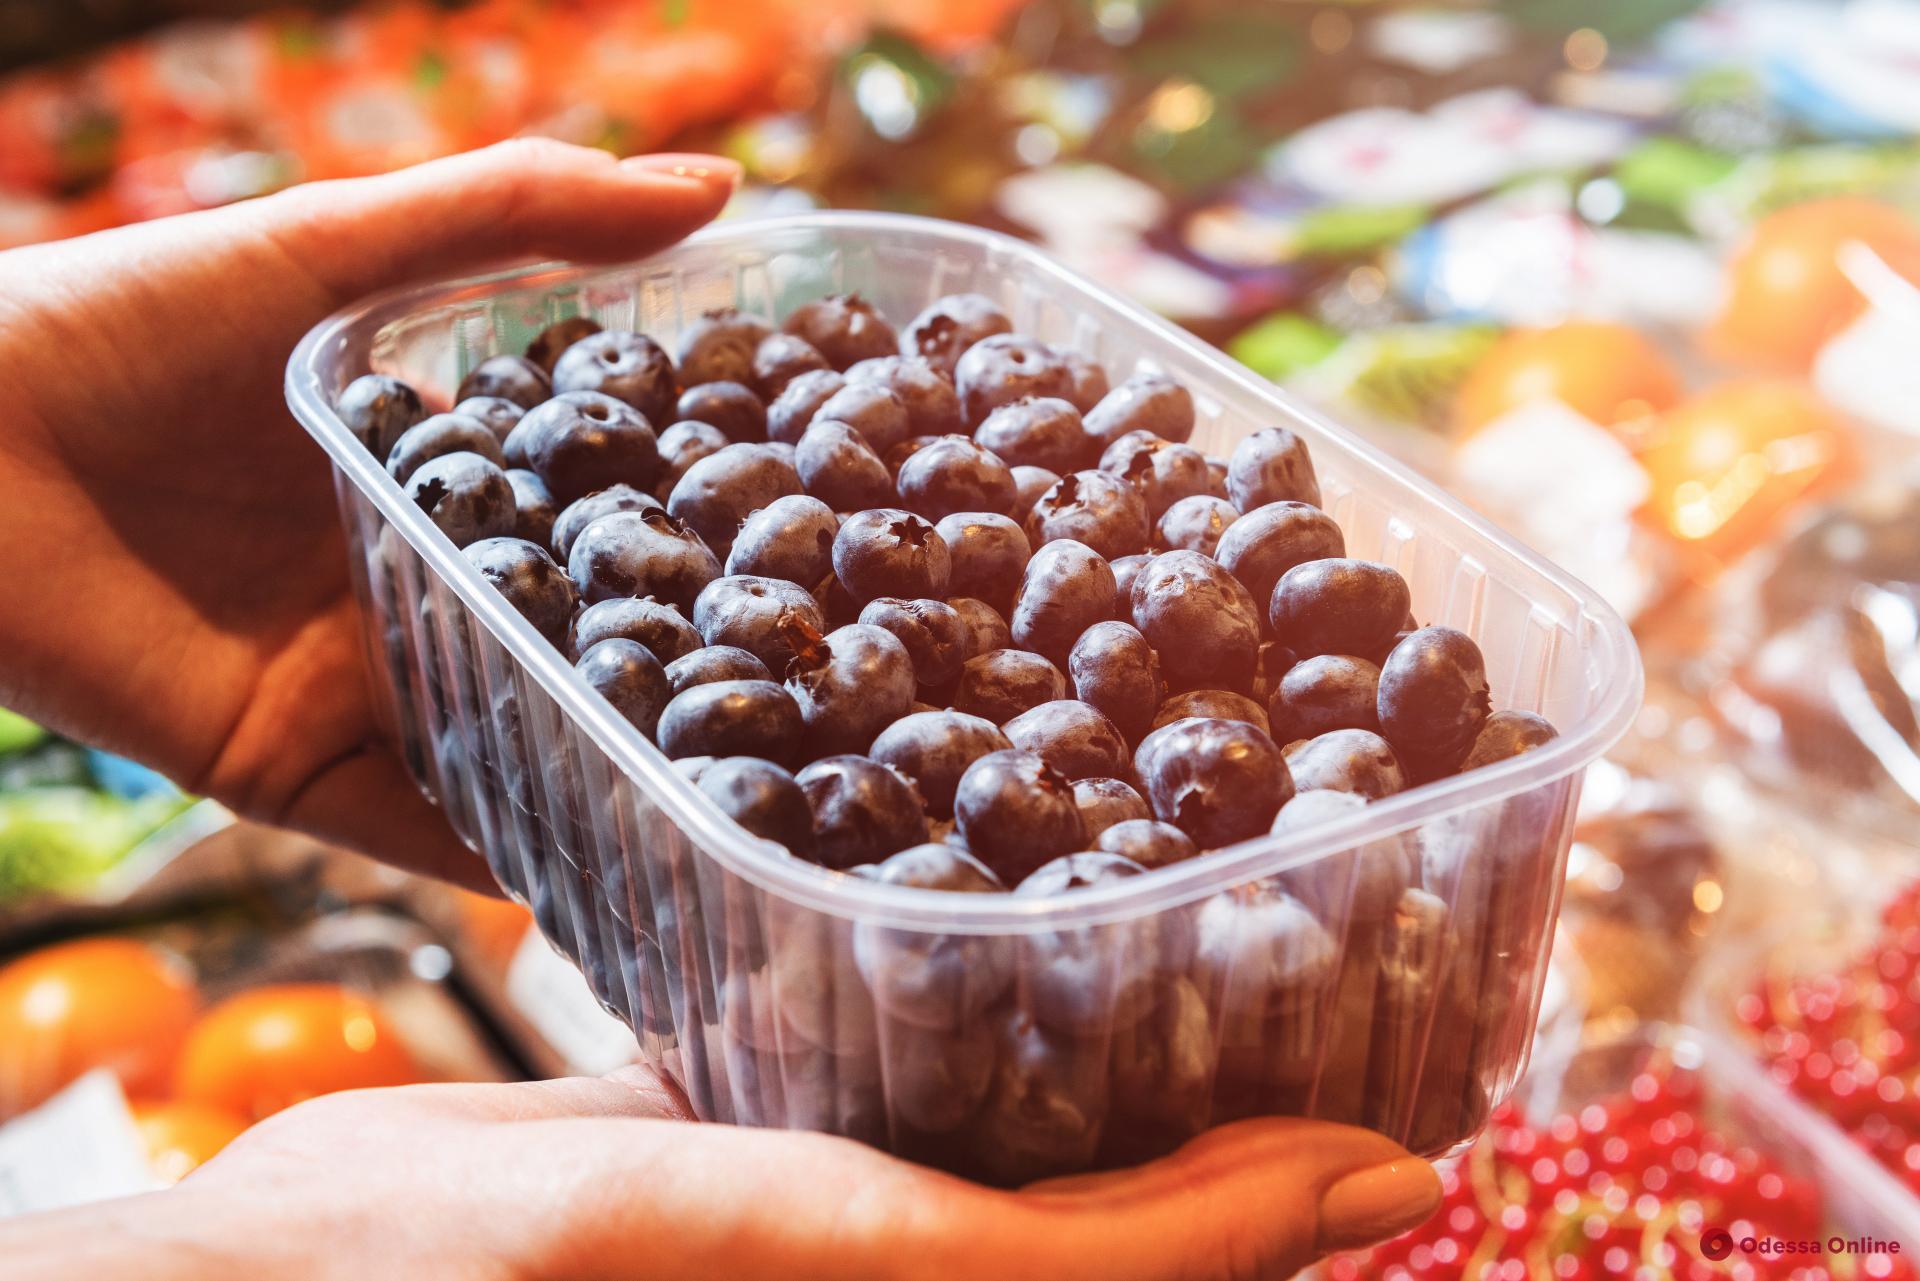 Советы потребителю: как купить овощи, не содержащие нитратов и пестицидов